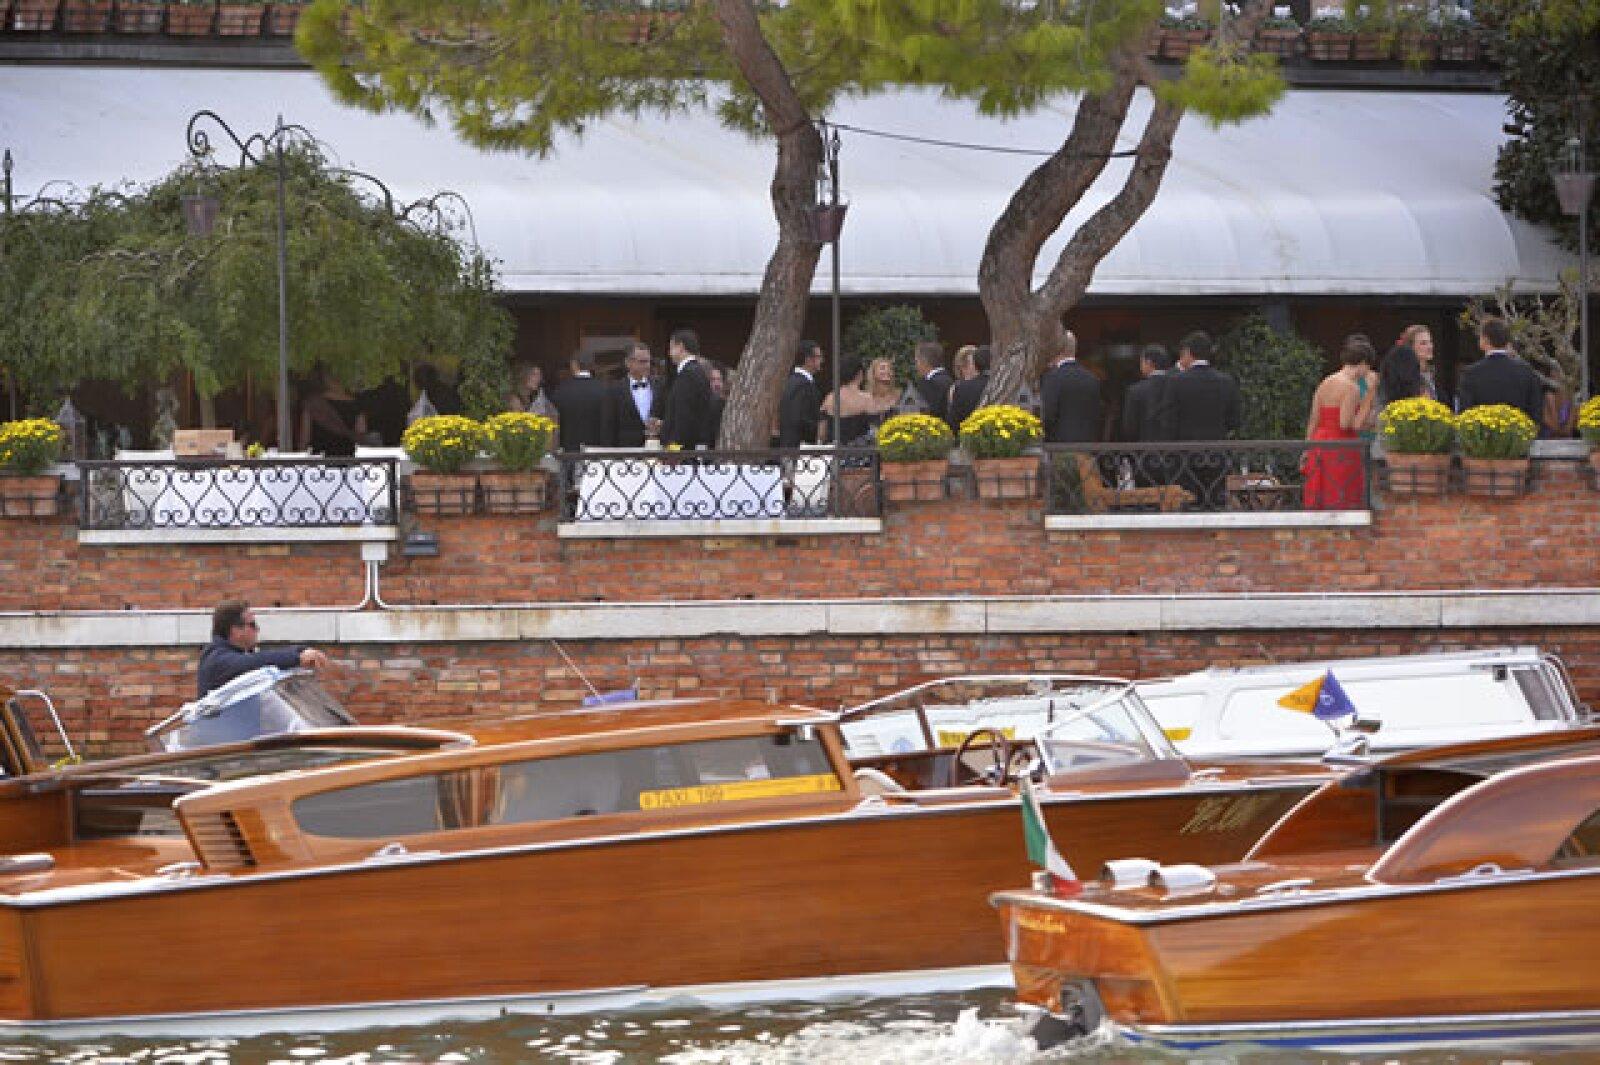 Boda de George Clooney en Venecia.